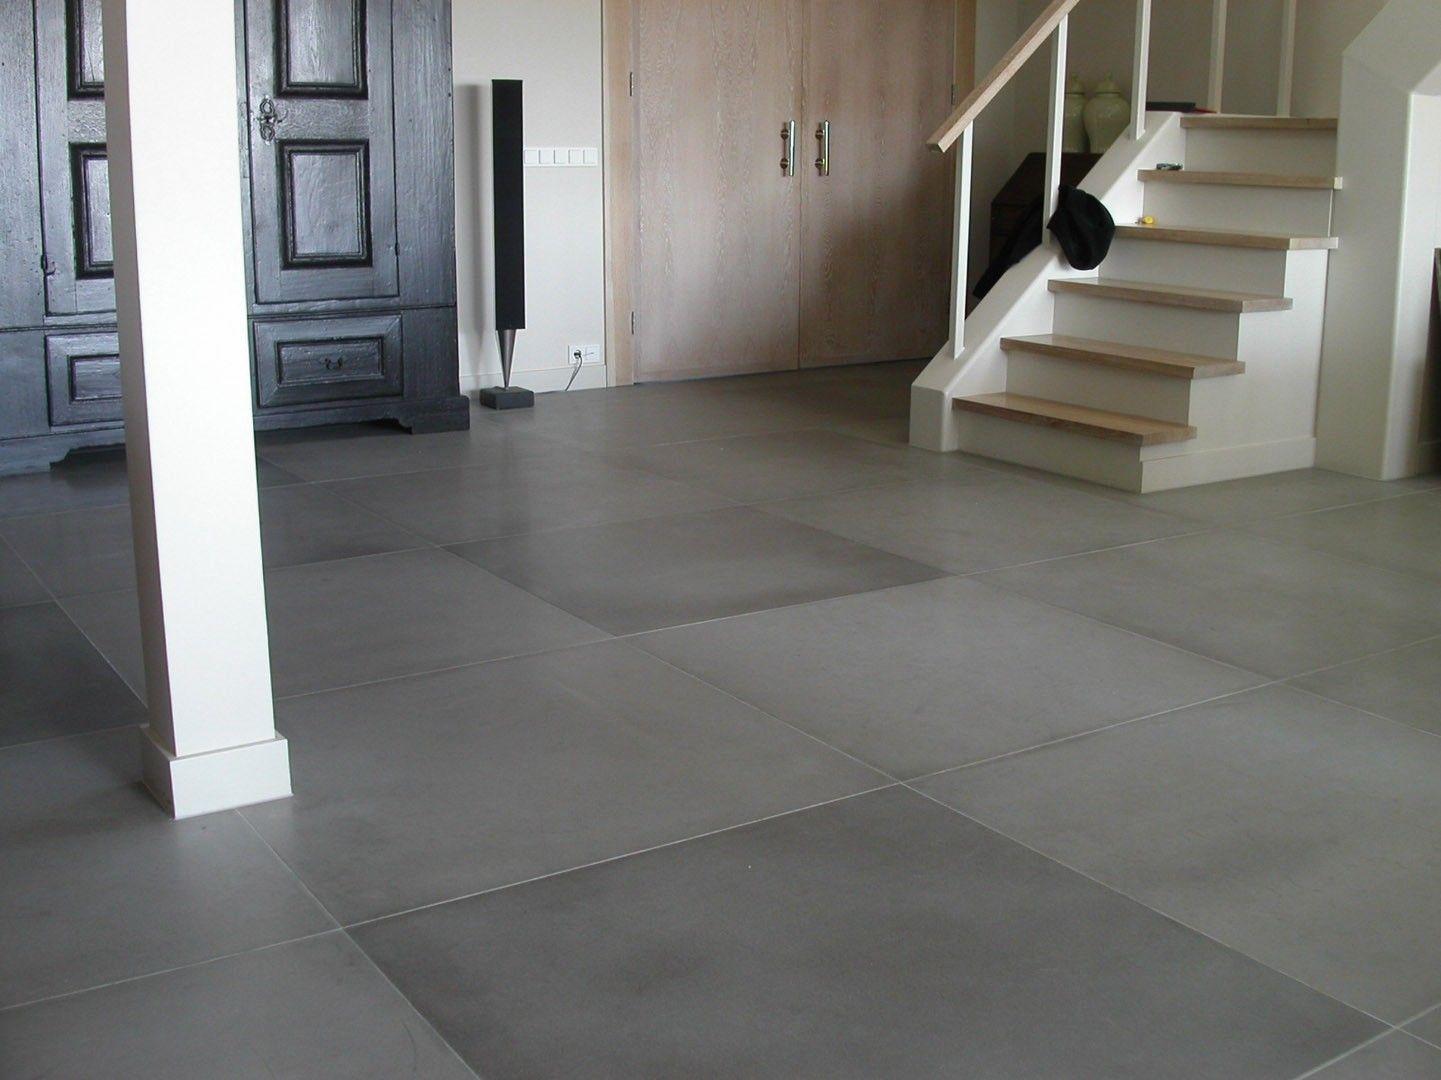 Tegelvloer woonkamer | floor | Pinterest | Flooring, Home and House